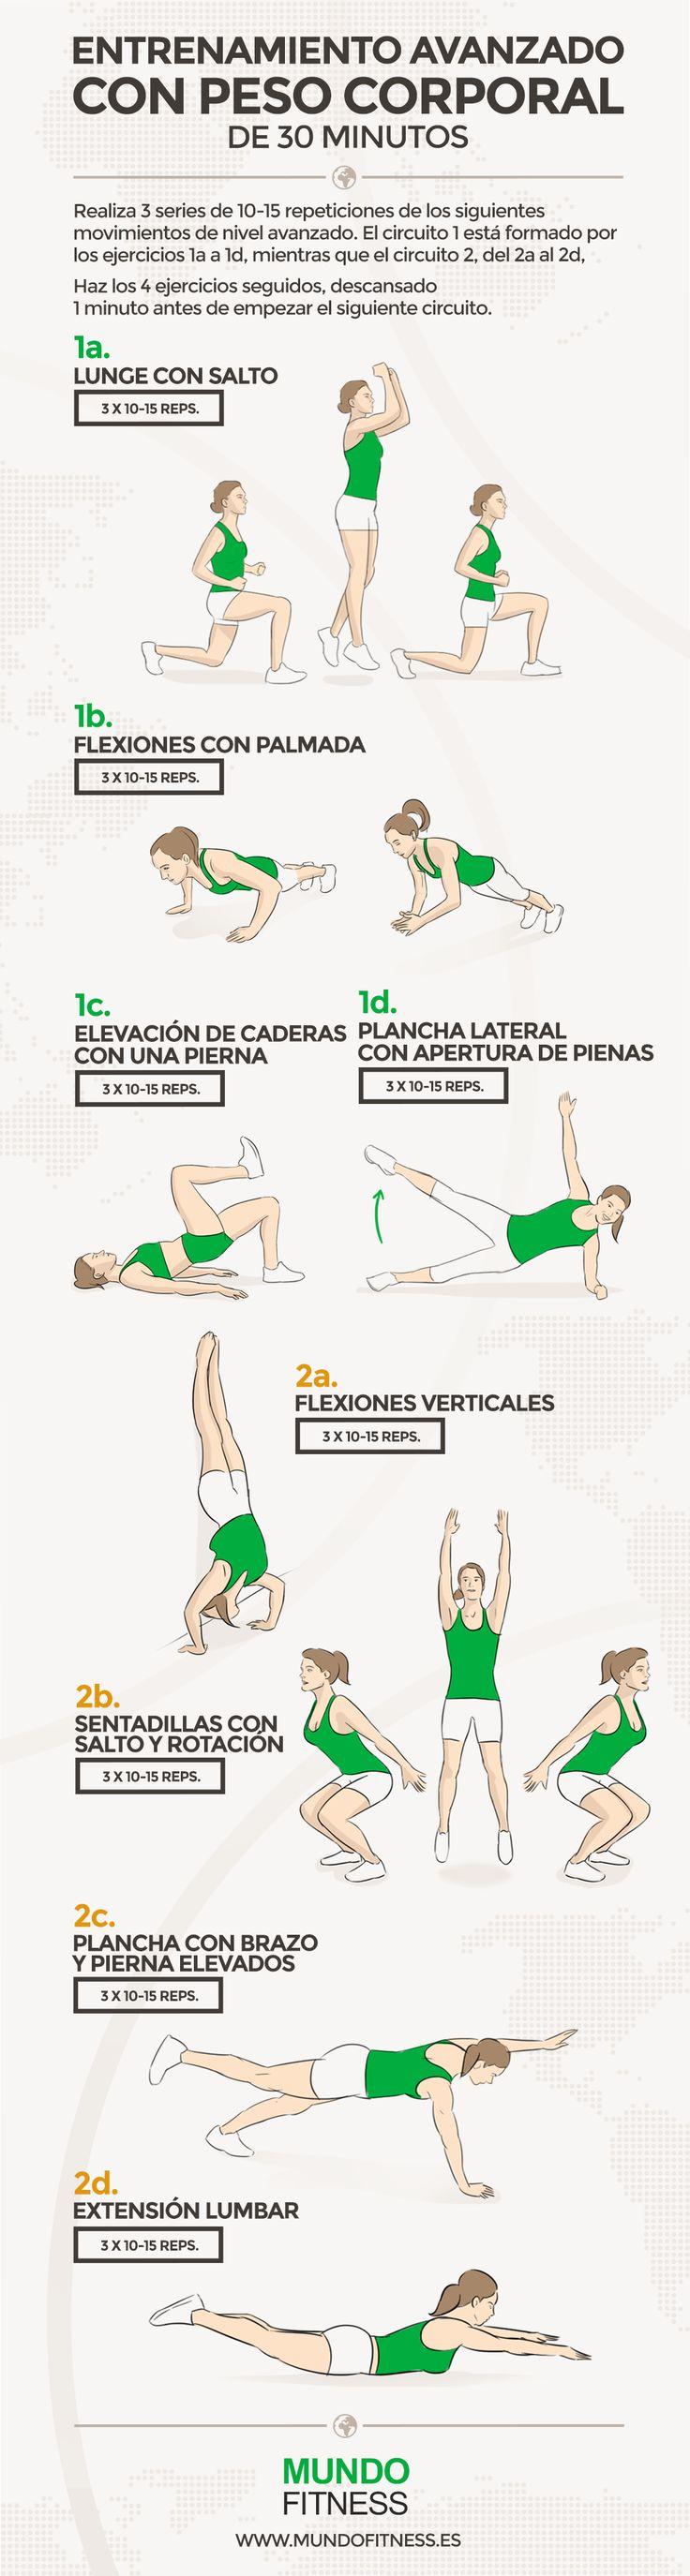 Rutina de entrenamiento avanzado de 30 minutos con peso propio | Blog Mundo Fitness